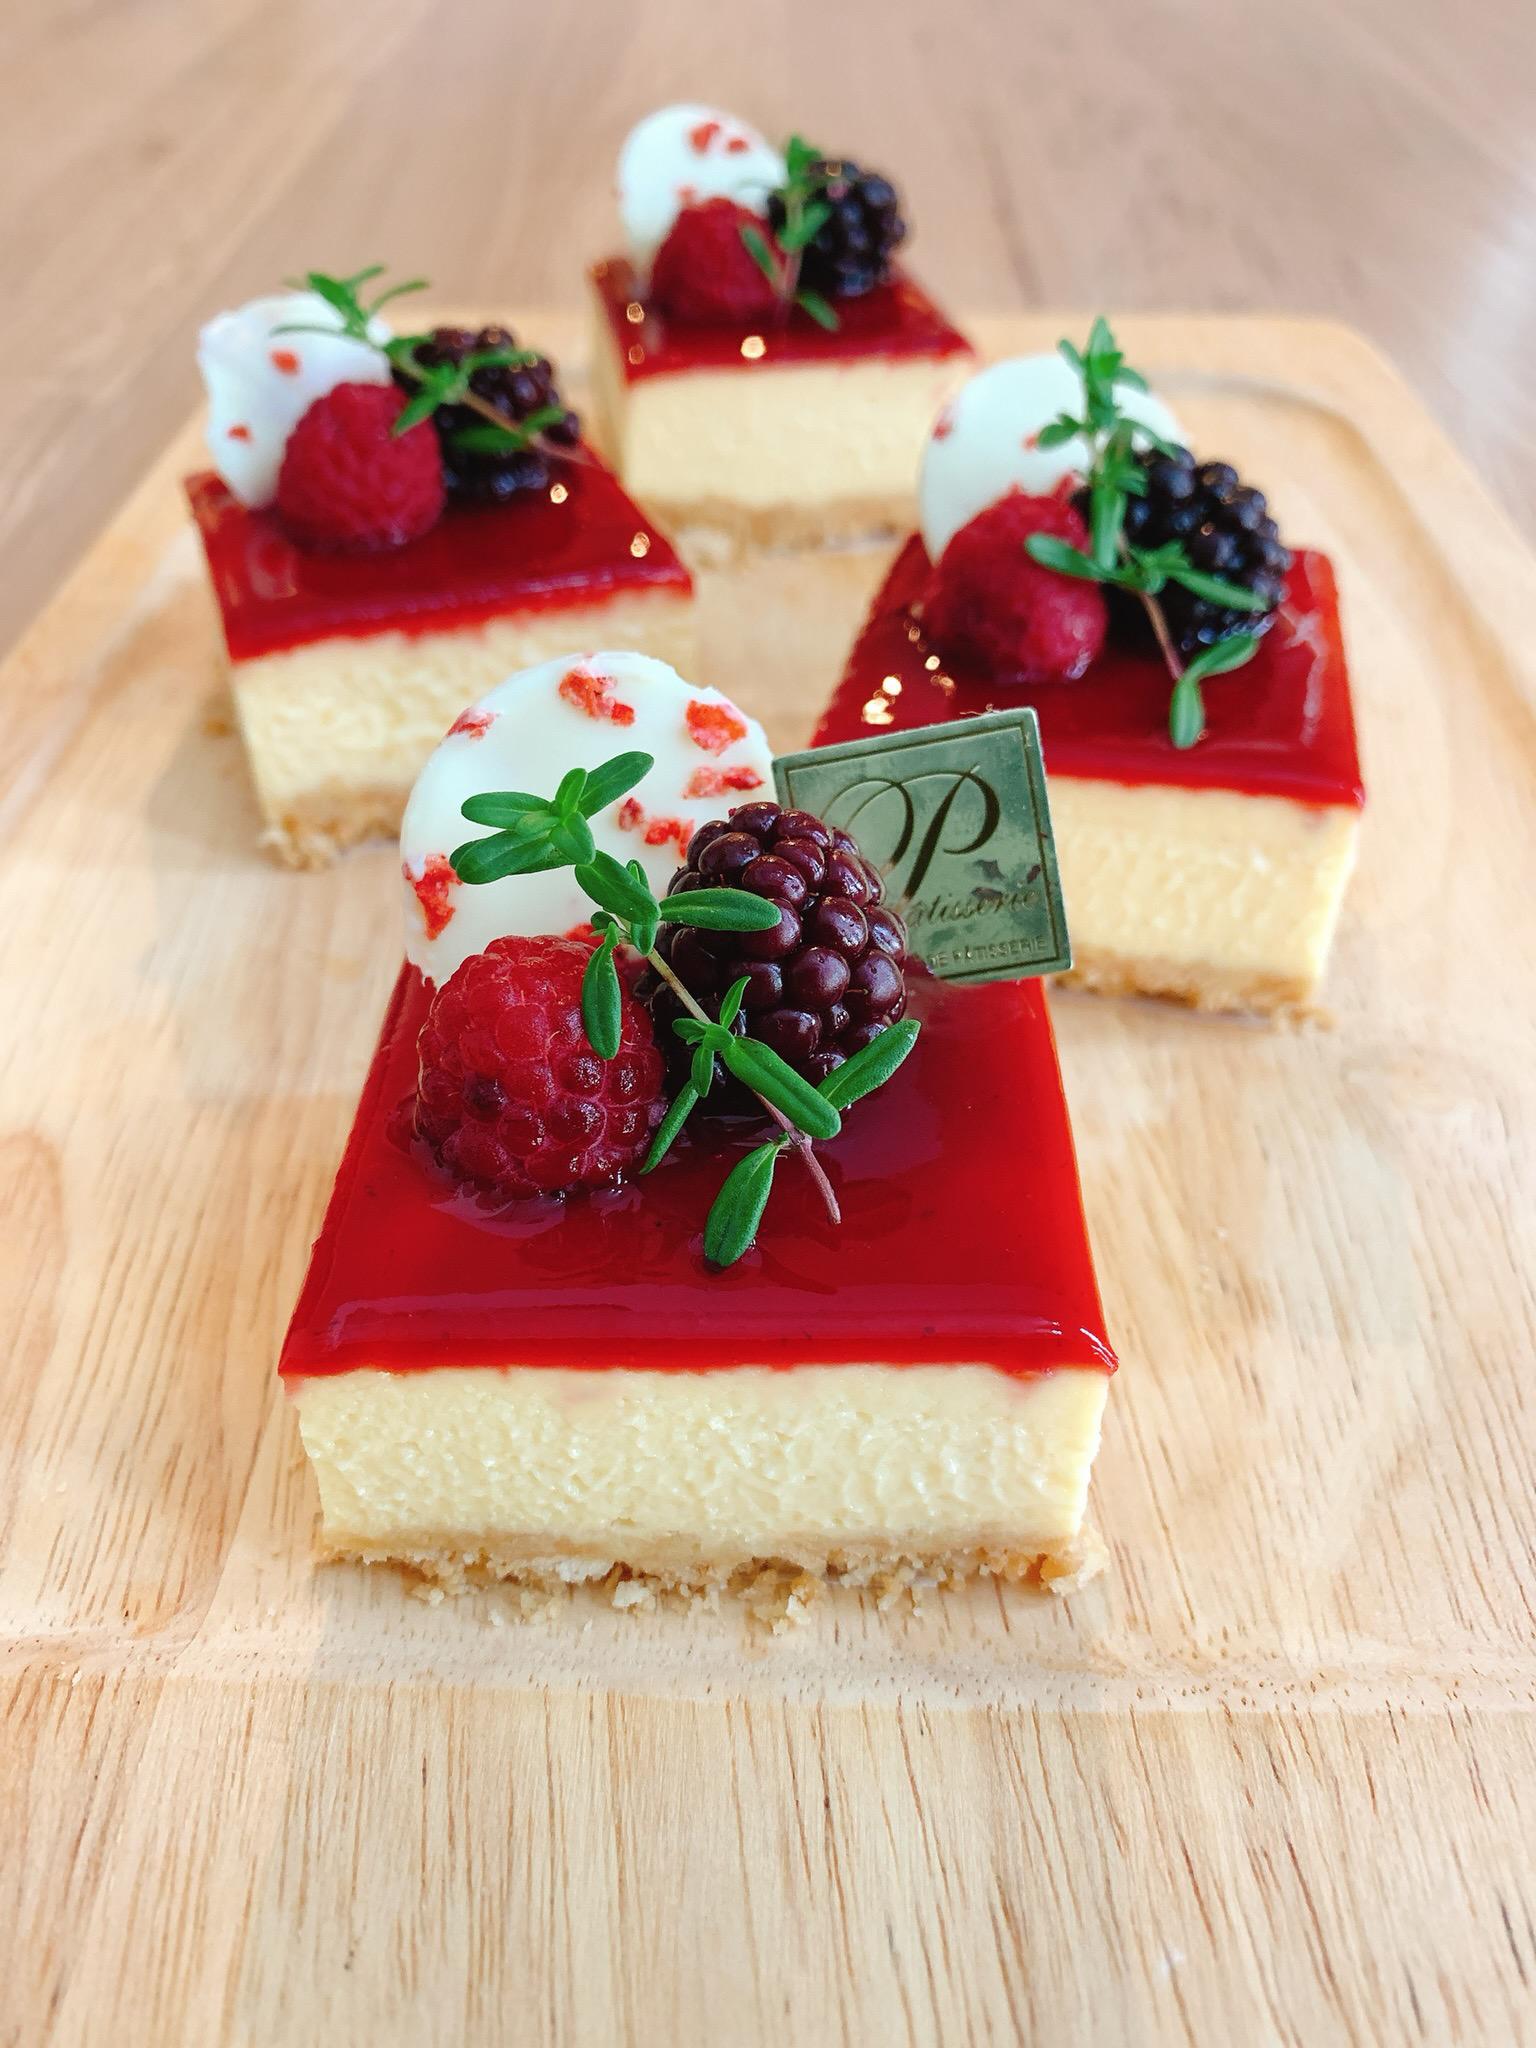 【おうちカフェ♡】ベリーの酸味でさっぱり!《手作りチーズケーキ》_1